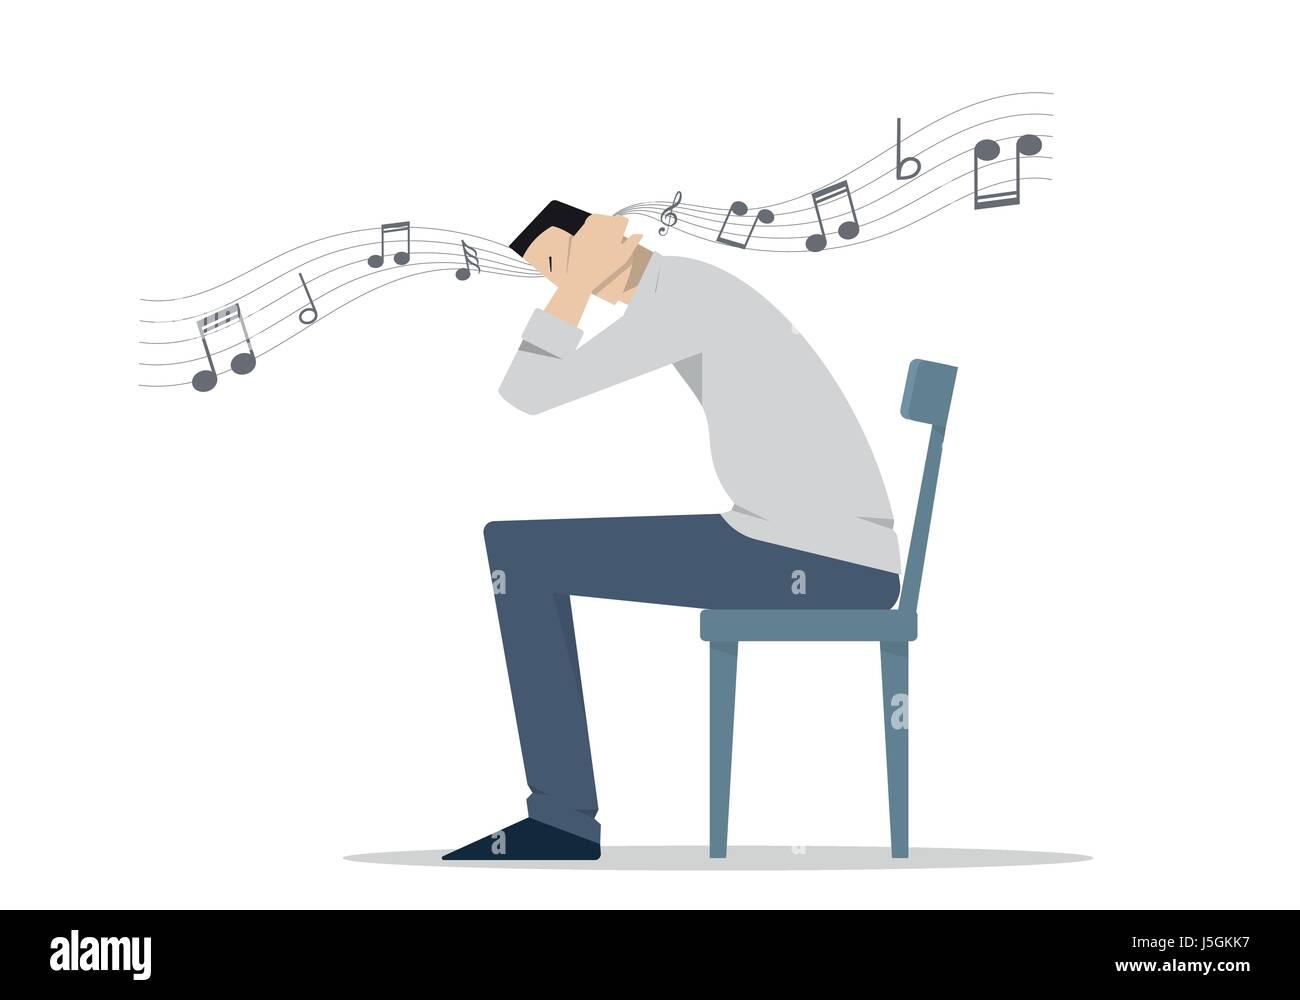 Mann Sitzt Auf Einem Stuhl Für Seine Ohren Ohrwurm Konzept Auch